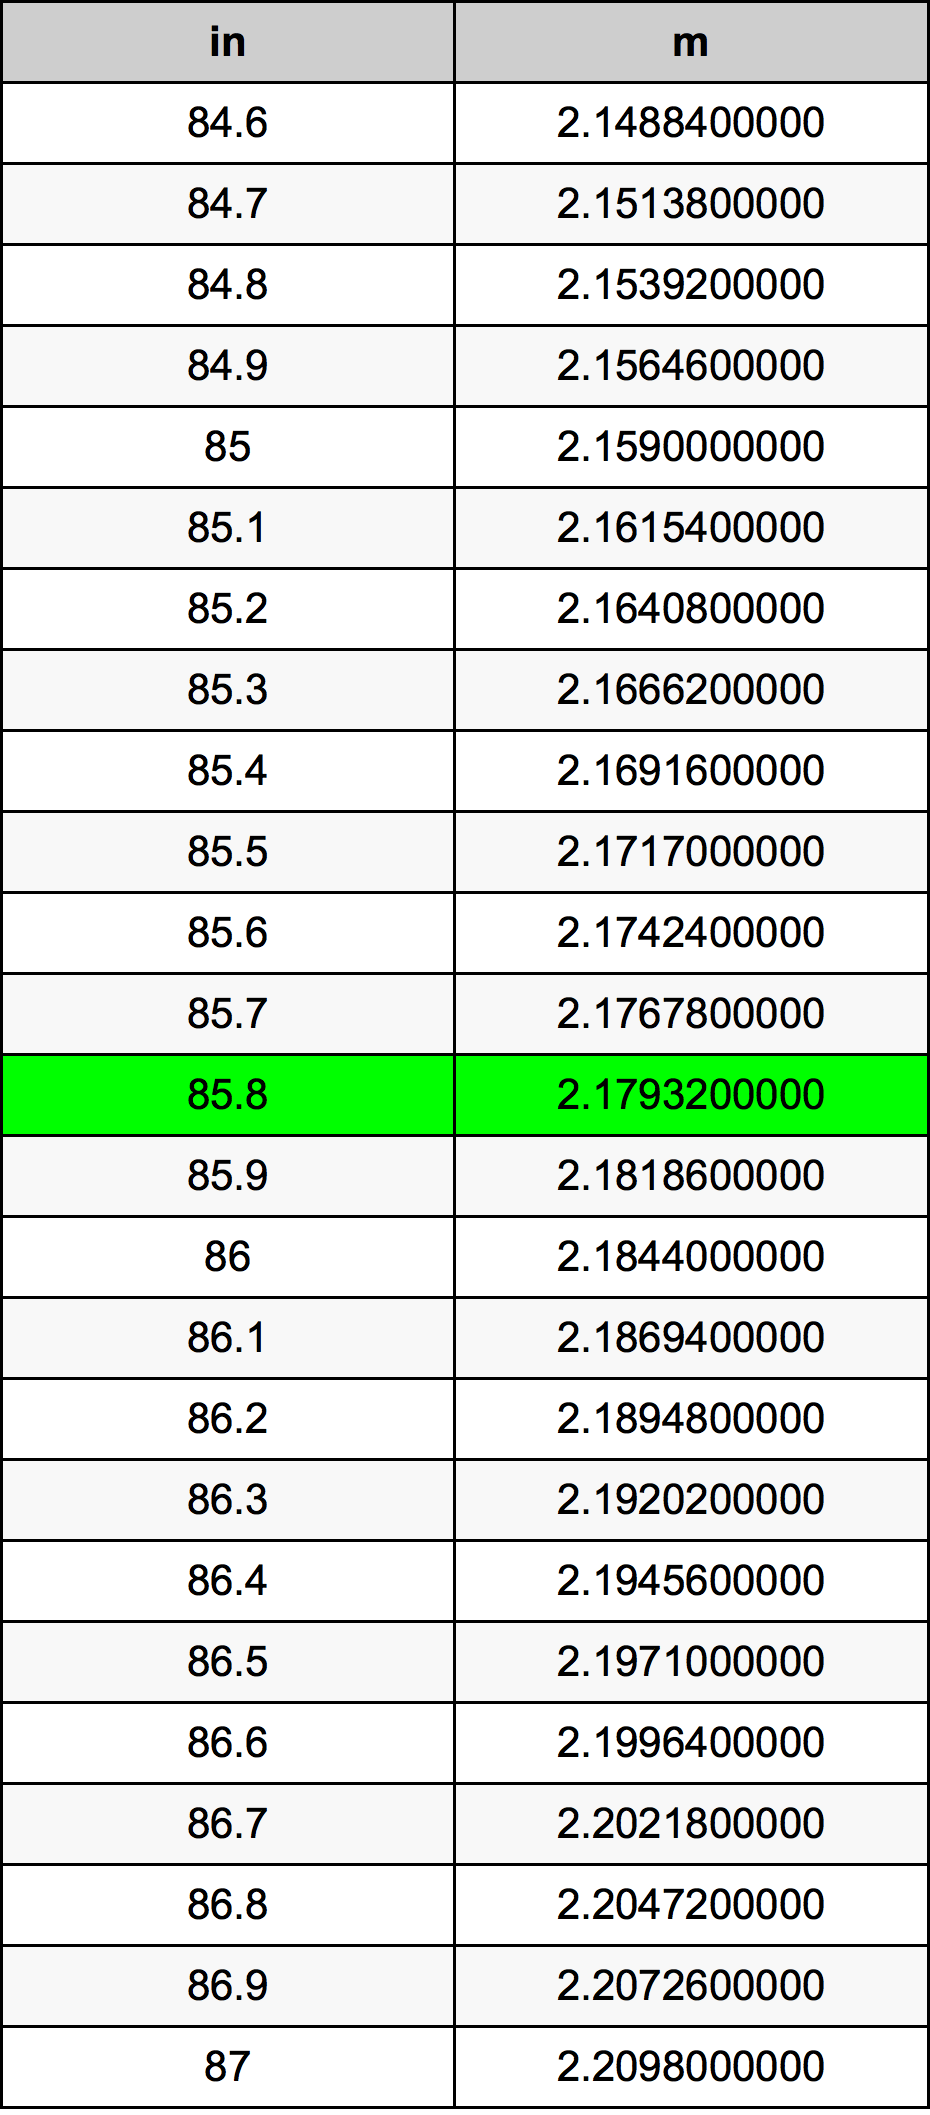 85.8 Pulzier konverżjoni tabella